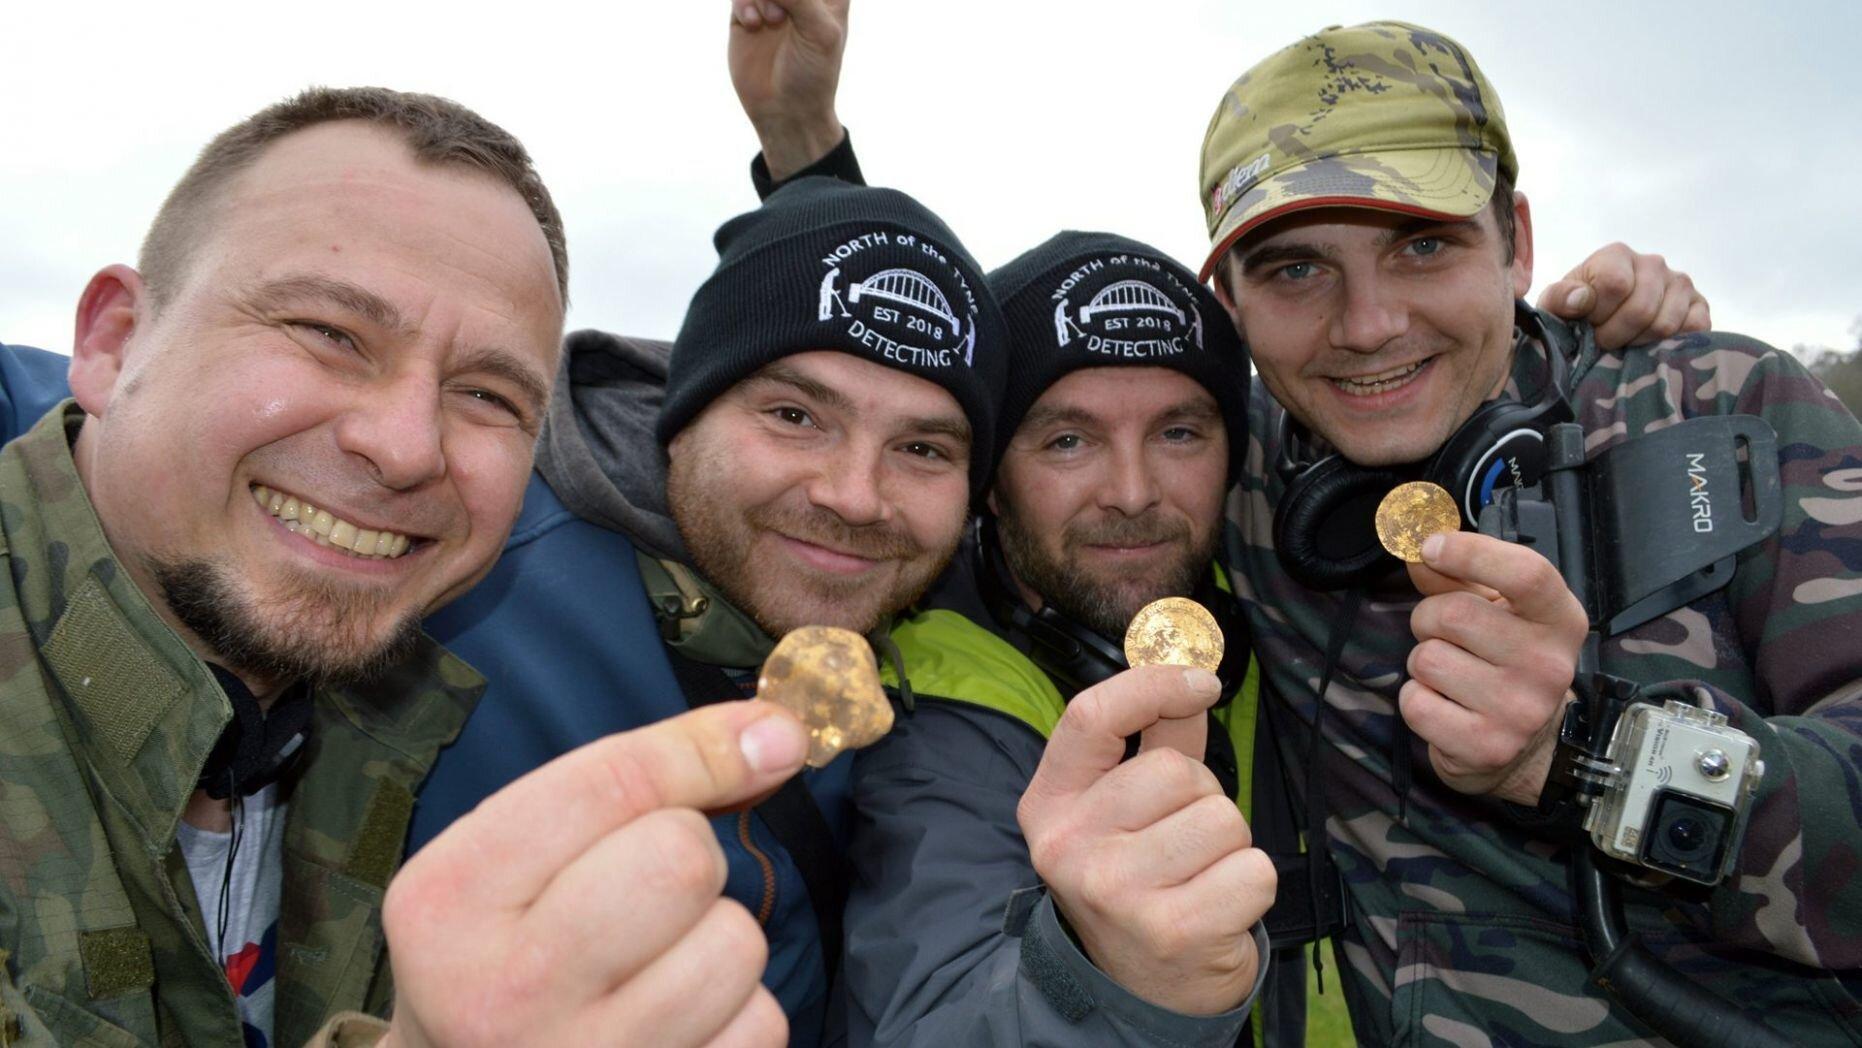 Đào được kho báu đầy tiền vàng từ thế kỷ 14 trị giá gần 5 tỷ đồng